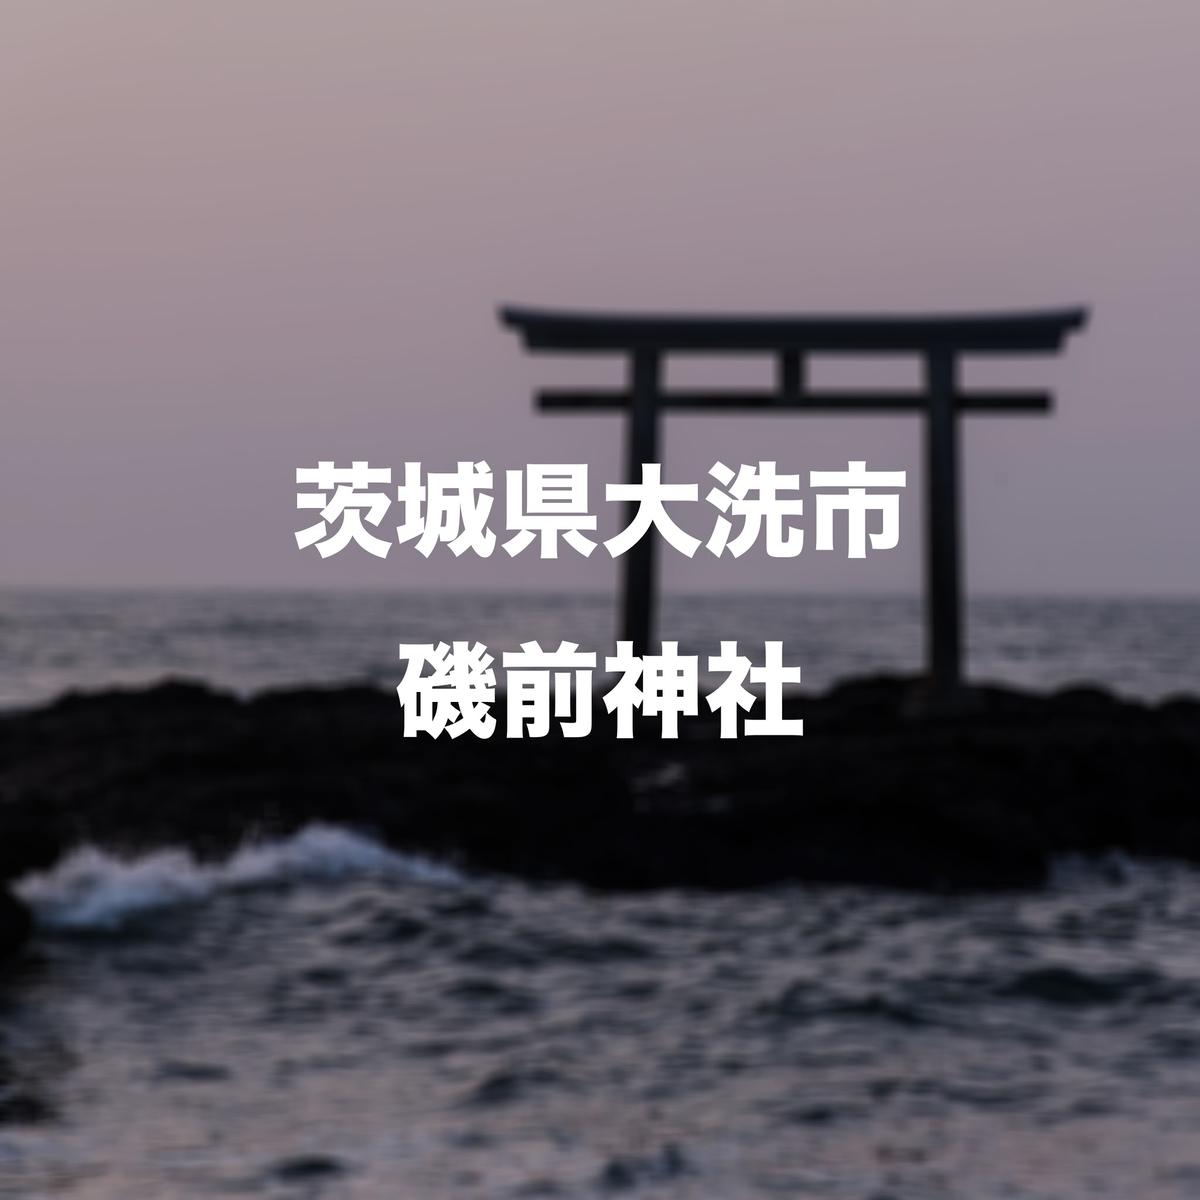 f:id:tidus_tabilog:20210912145141j:plain